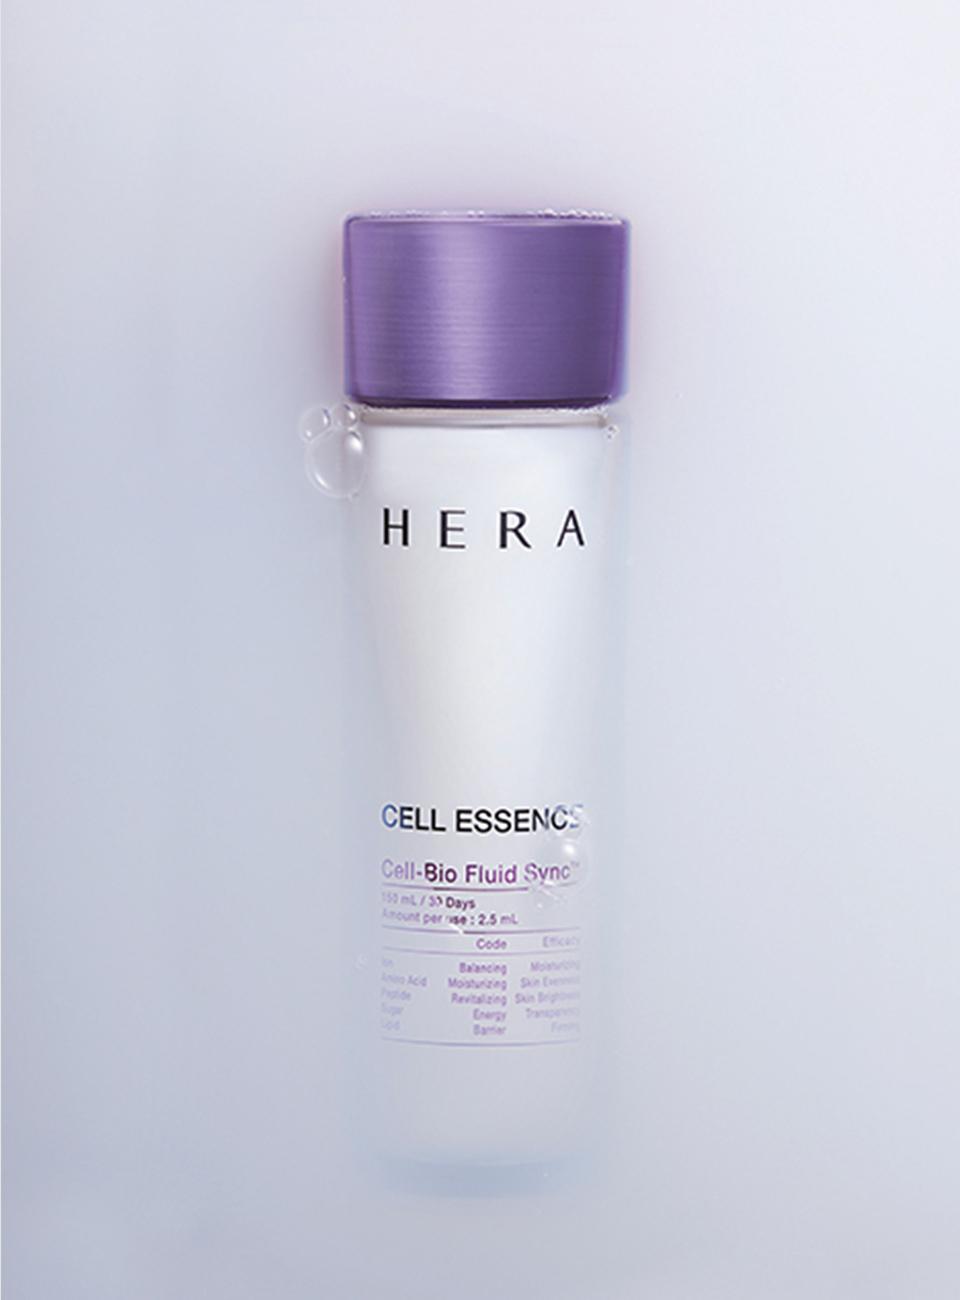 HERA_cell_02.jpg